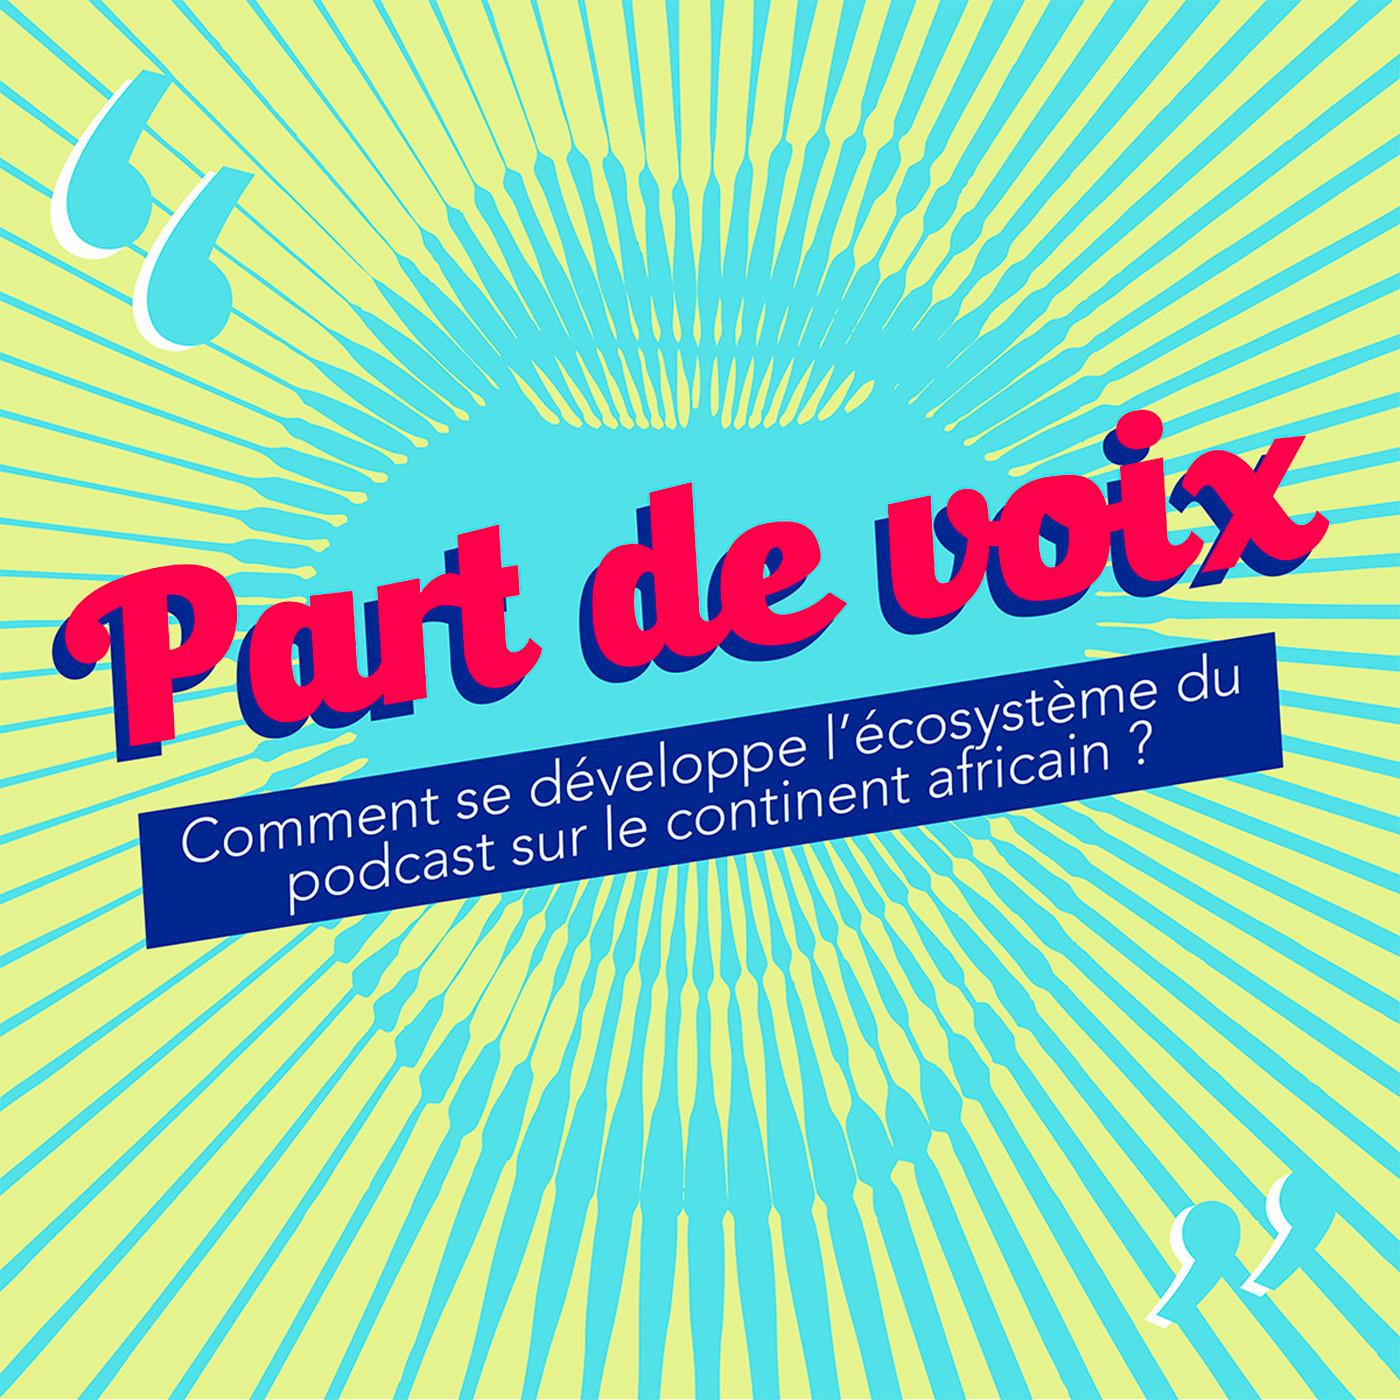 Comment se développe l'écosystème du podcast sur le continent africain ? [Chronique]